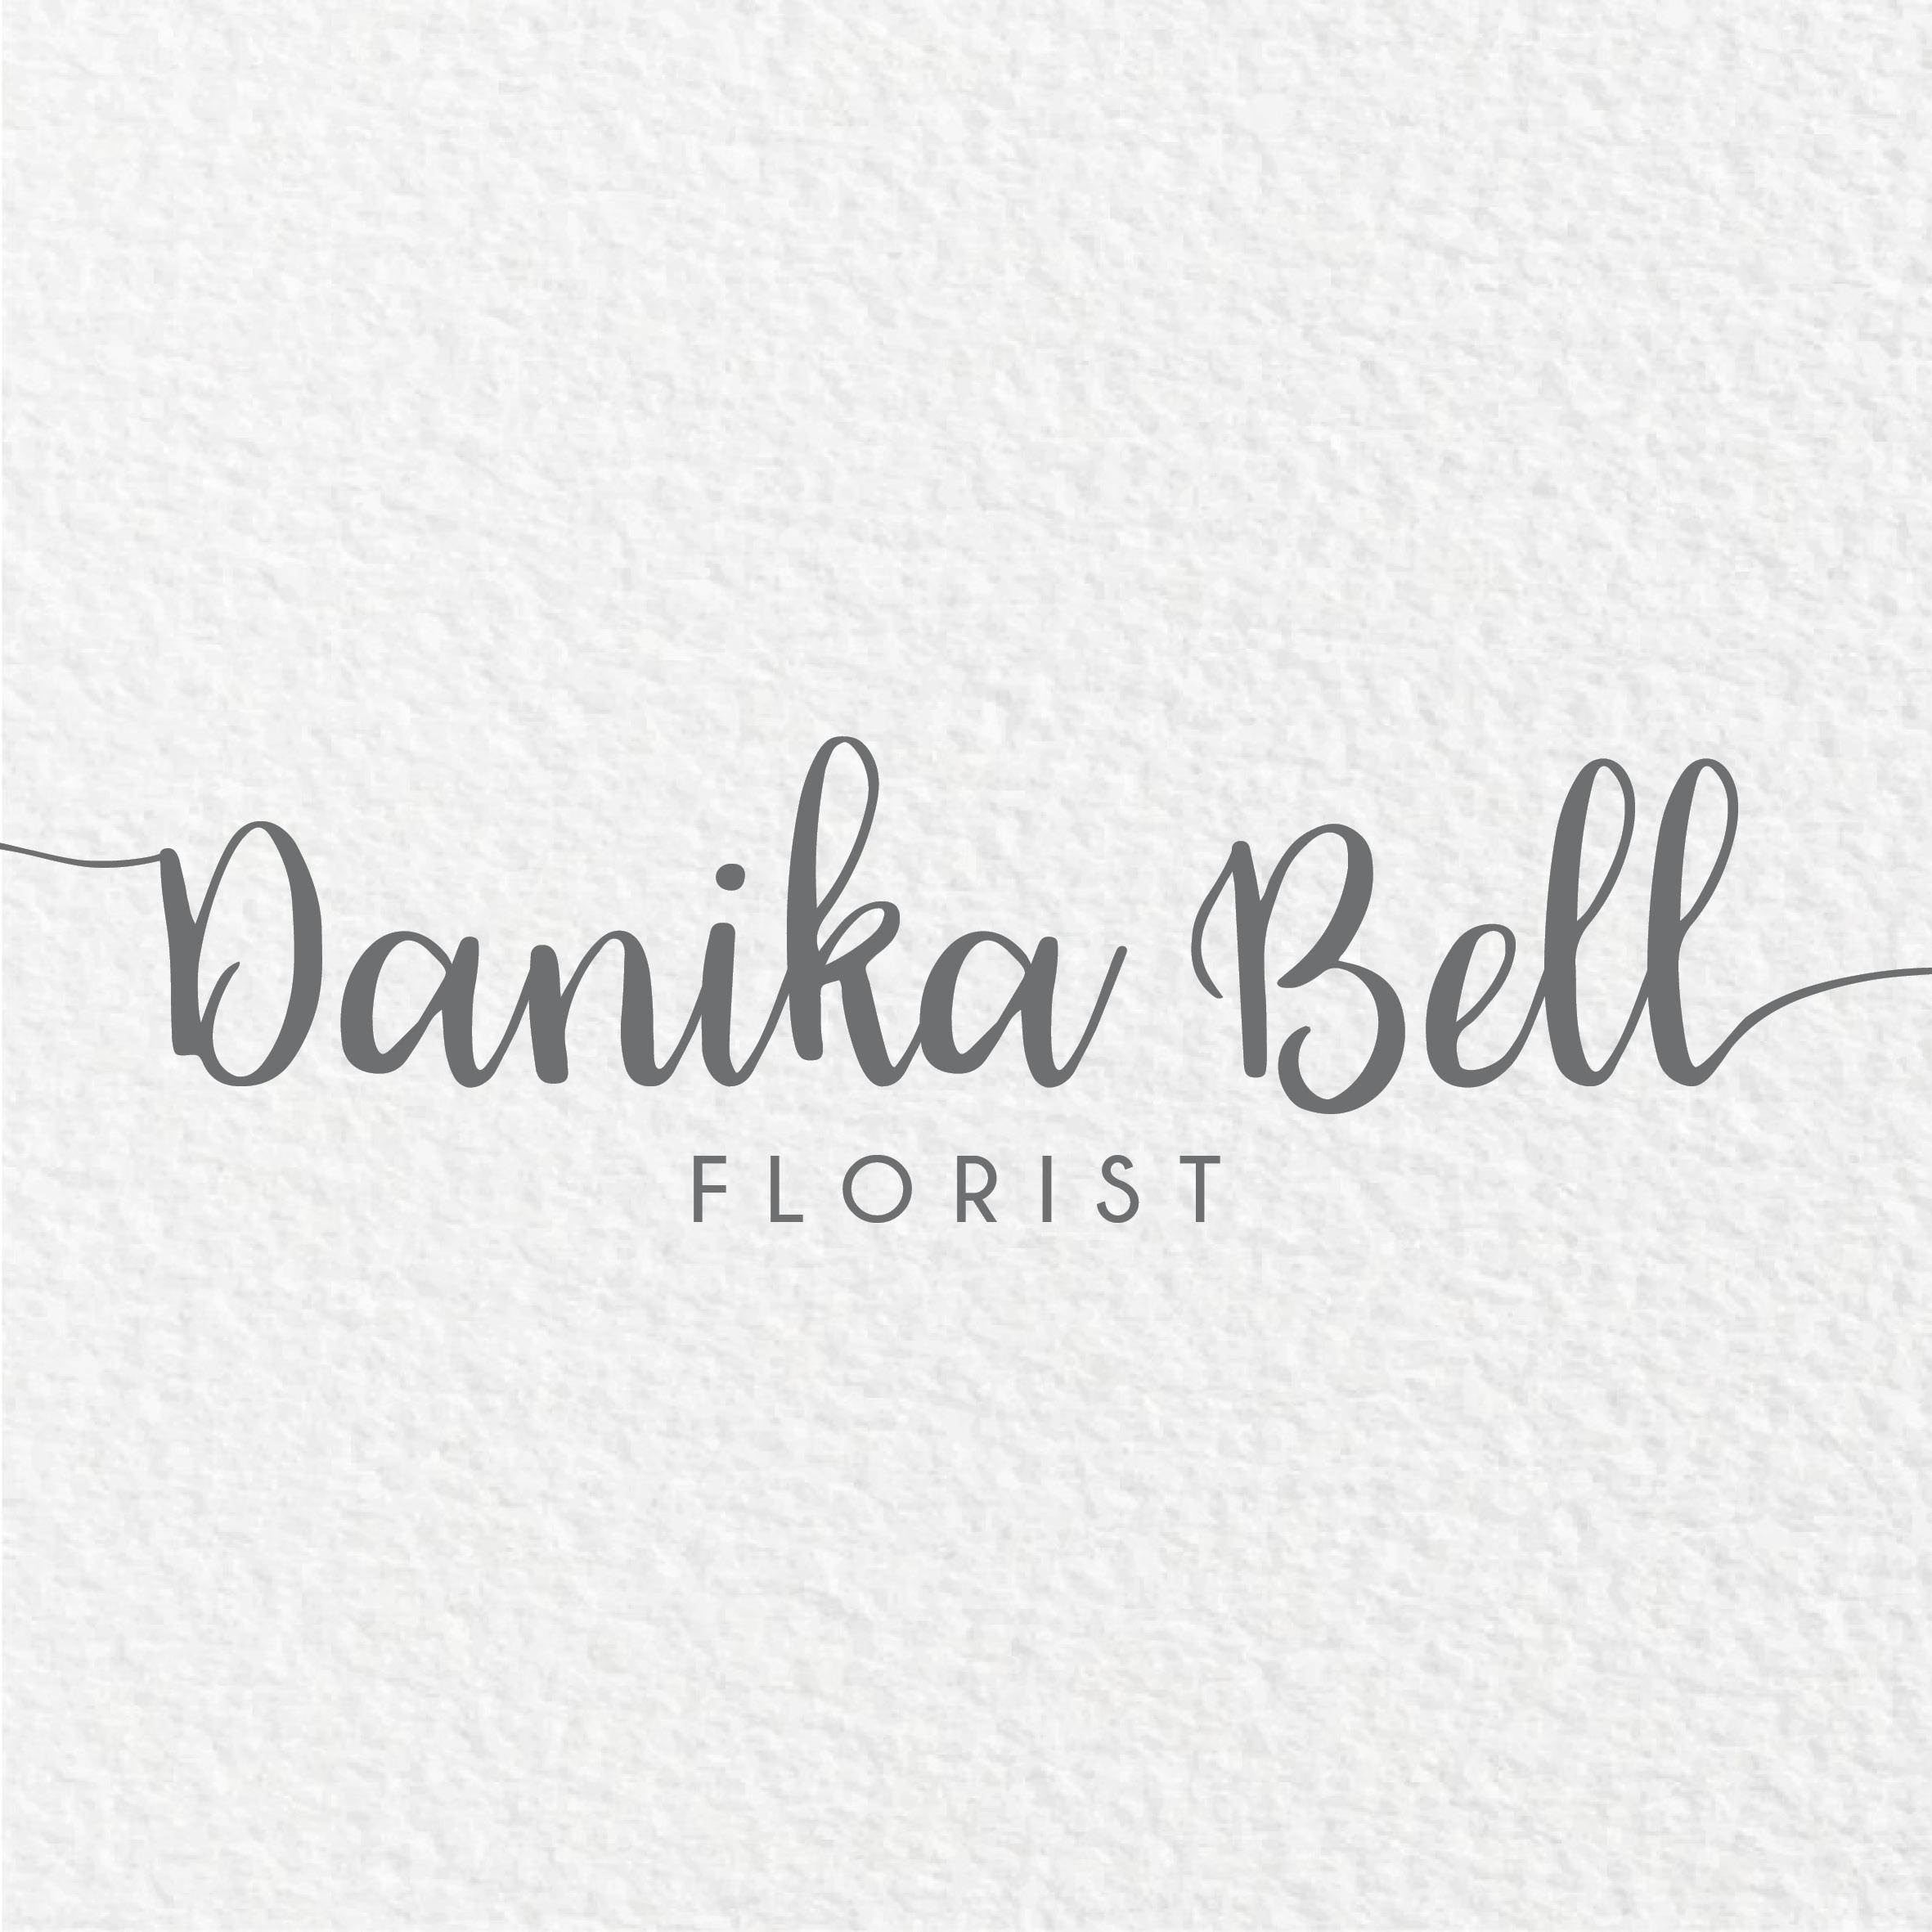 danika-bell-florist